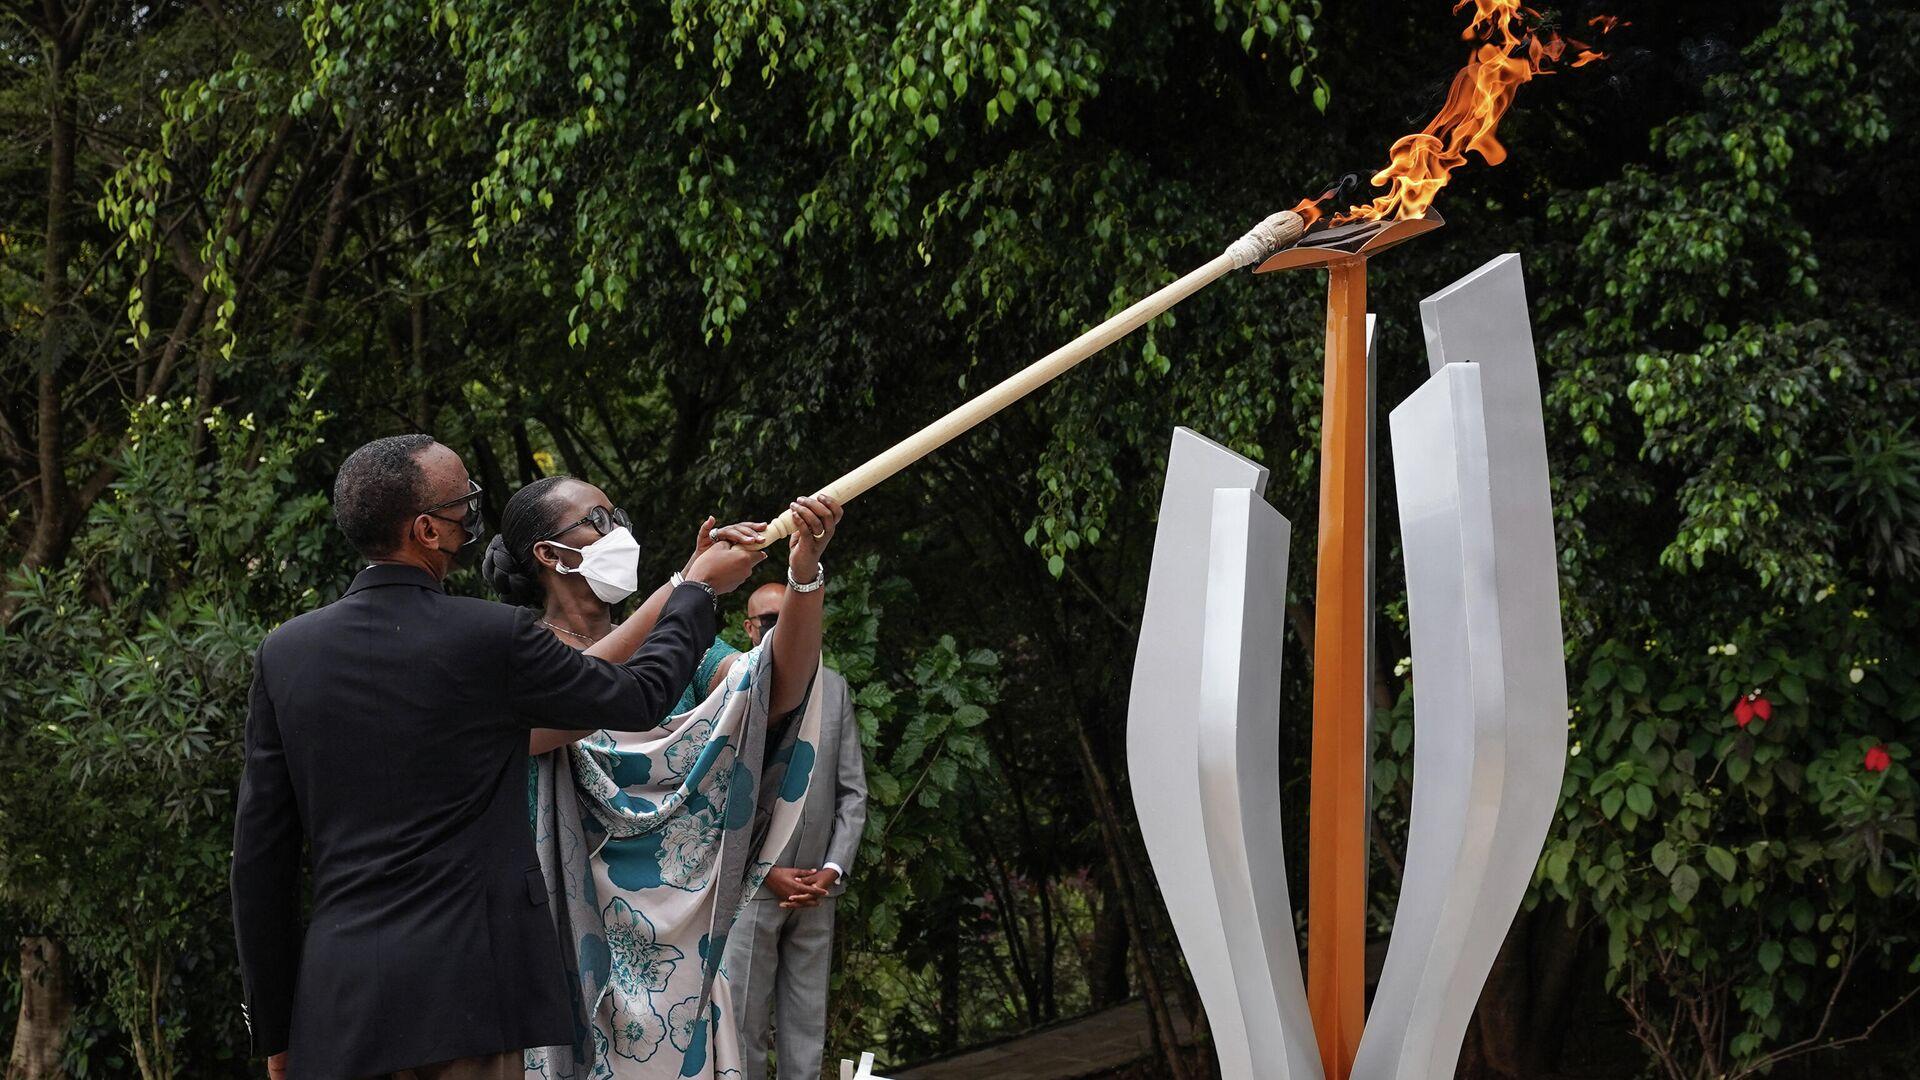 Ruandas Präsident Paul Kagame (l) und seine Gattin Jeannette Kagame zünden am Kigali-Genozid-Denkmal eine Gedenkflamme anlässlich des 27. Jahrestages des Völkermordes an den Tutsi 1994 an. Kigali, Ruanda, 7. April 2021  - SNA, 1920, 07.04.2021